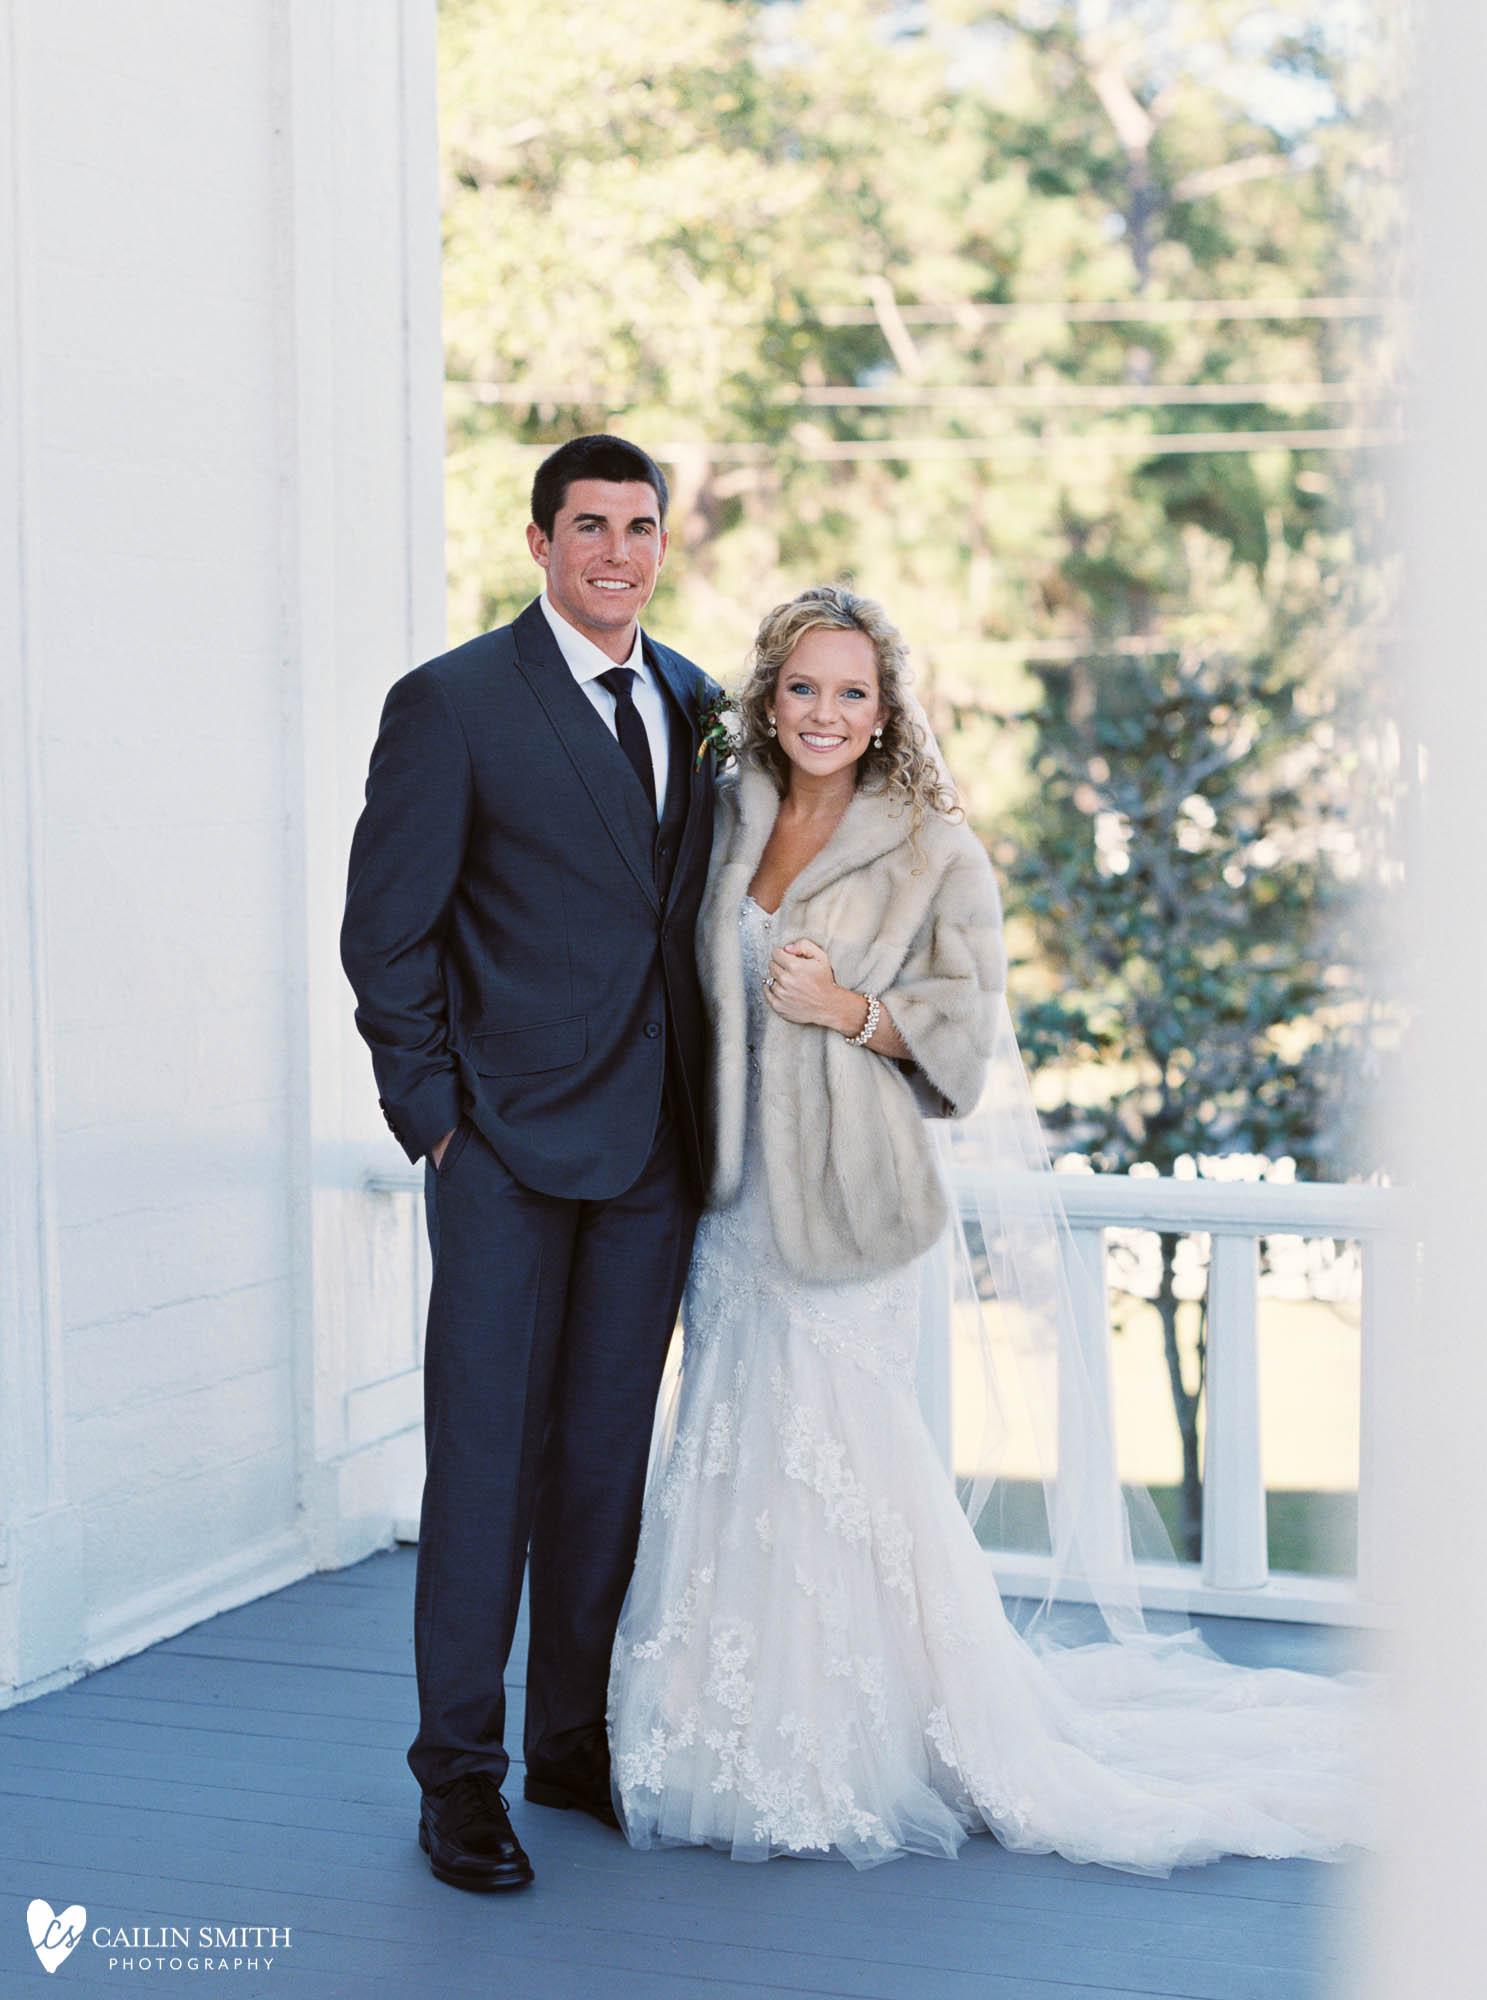 Leah_Major_St_Marys_Wedding_Photography_056.jpg